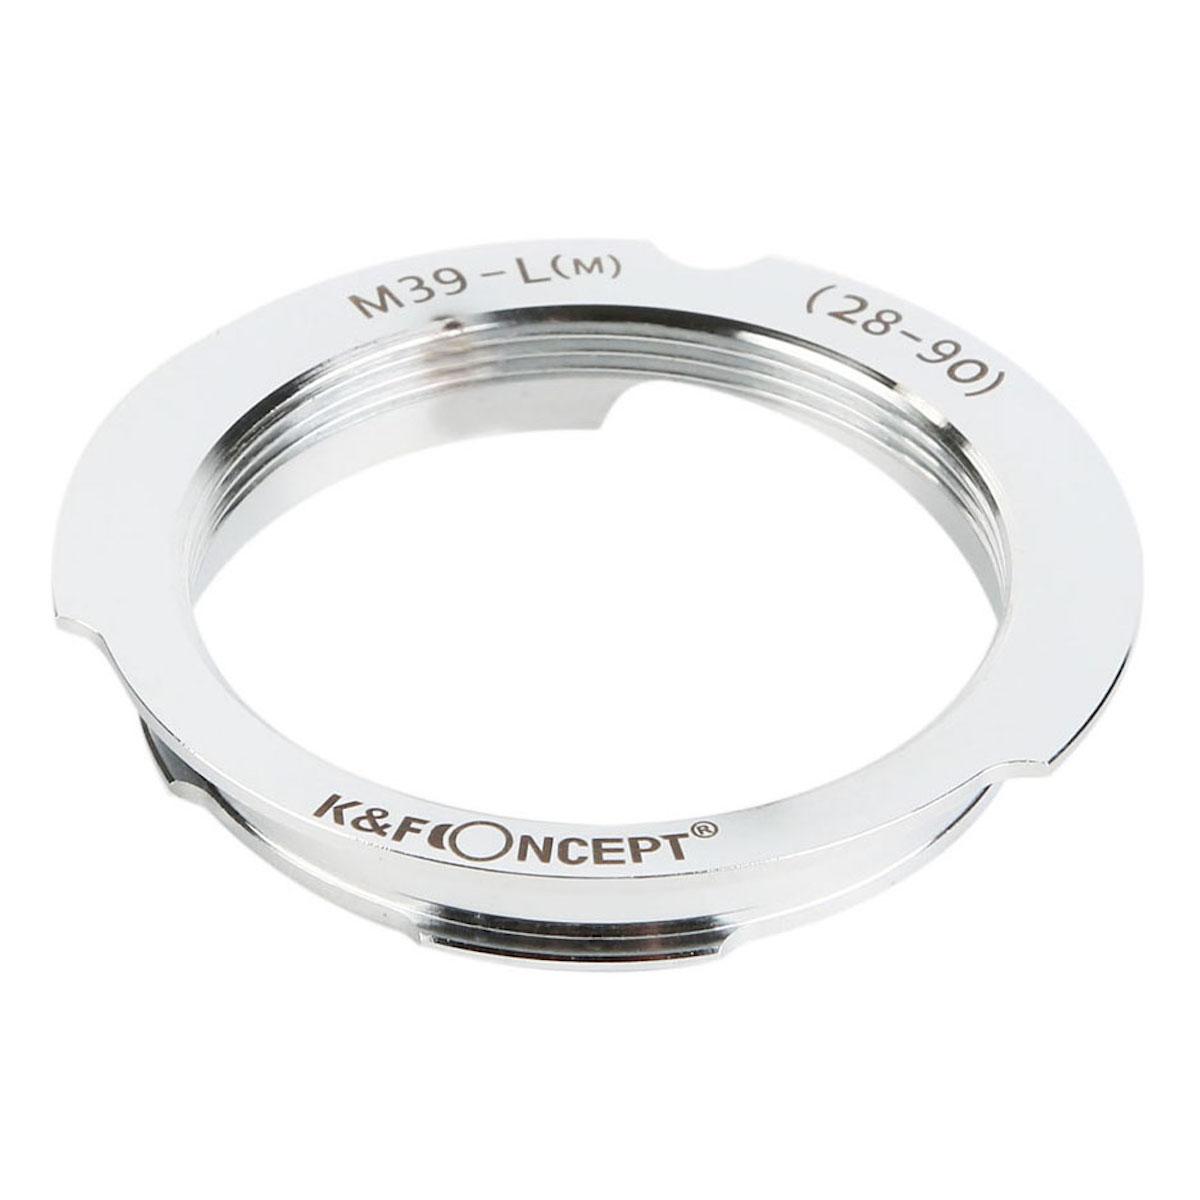 ディスカウント 新発売 KF CONCEPT Concept レンズマウントアダプター KF-LM-2890 ライカMマウント変換 → ライカLマウントレンズ